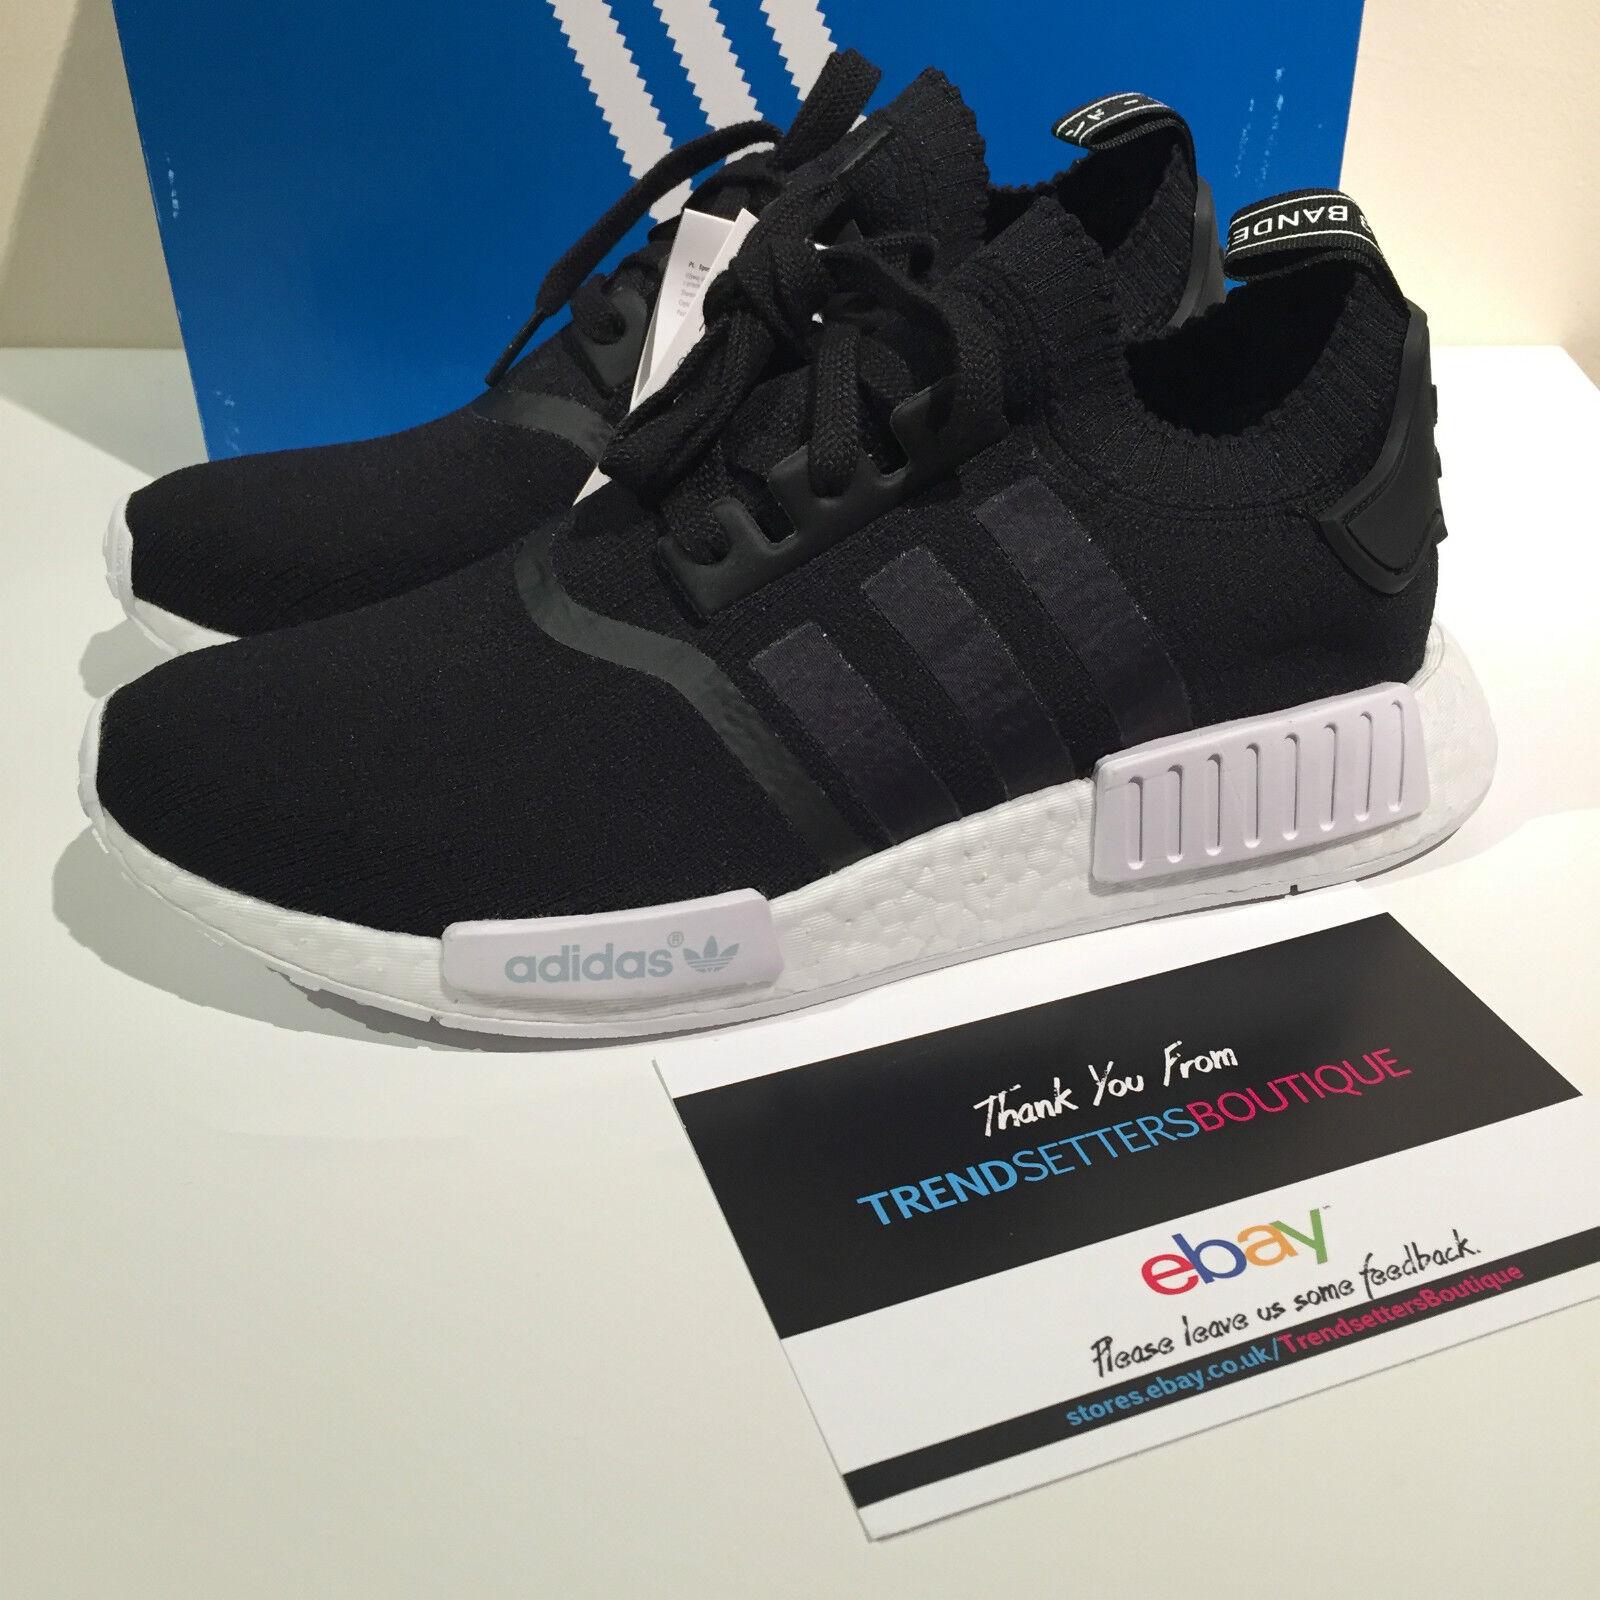 nous primeknit adidas nmd r1 pk pk pk ba8629 blanc noir monochrome 425ac7